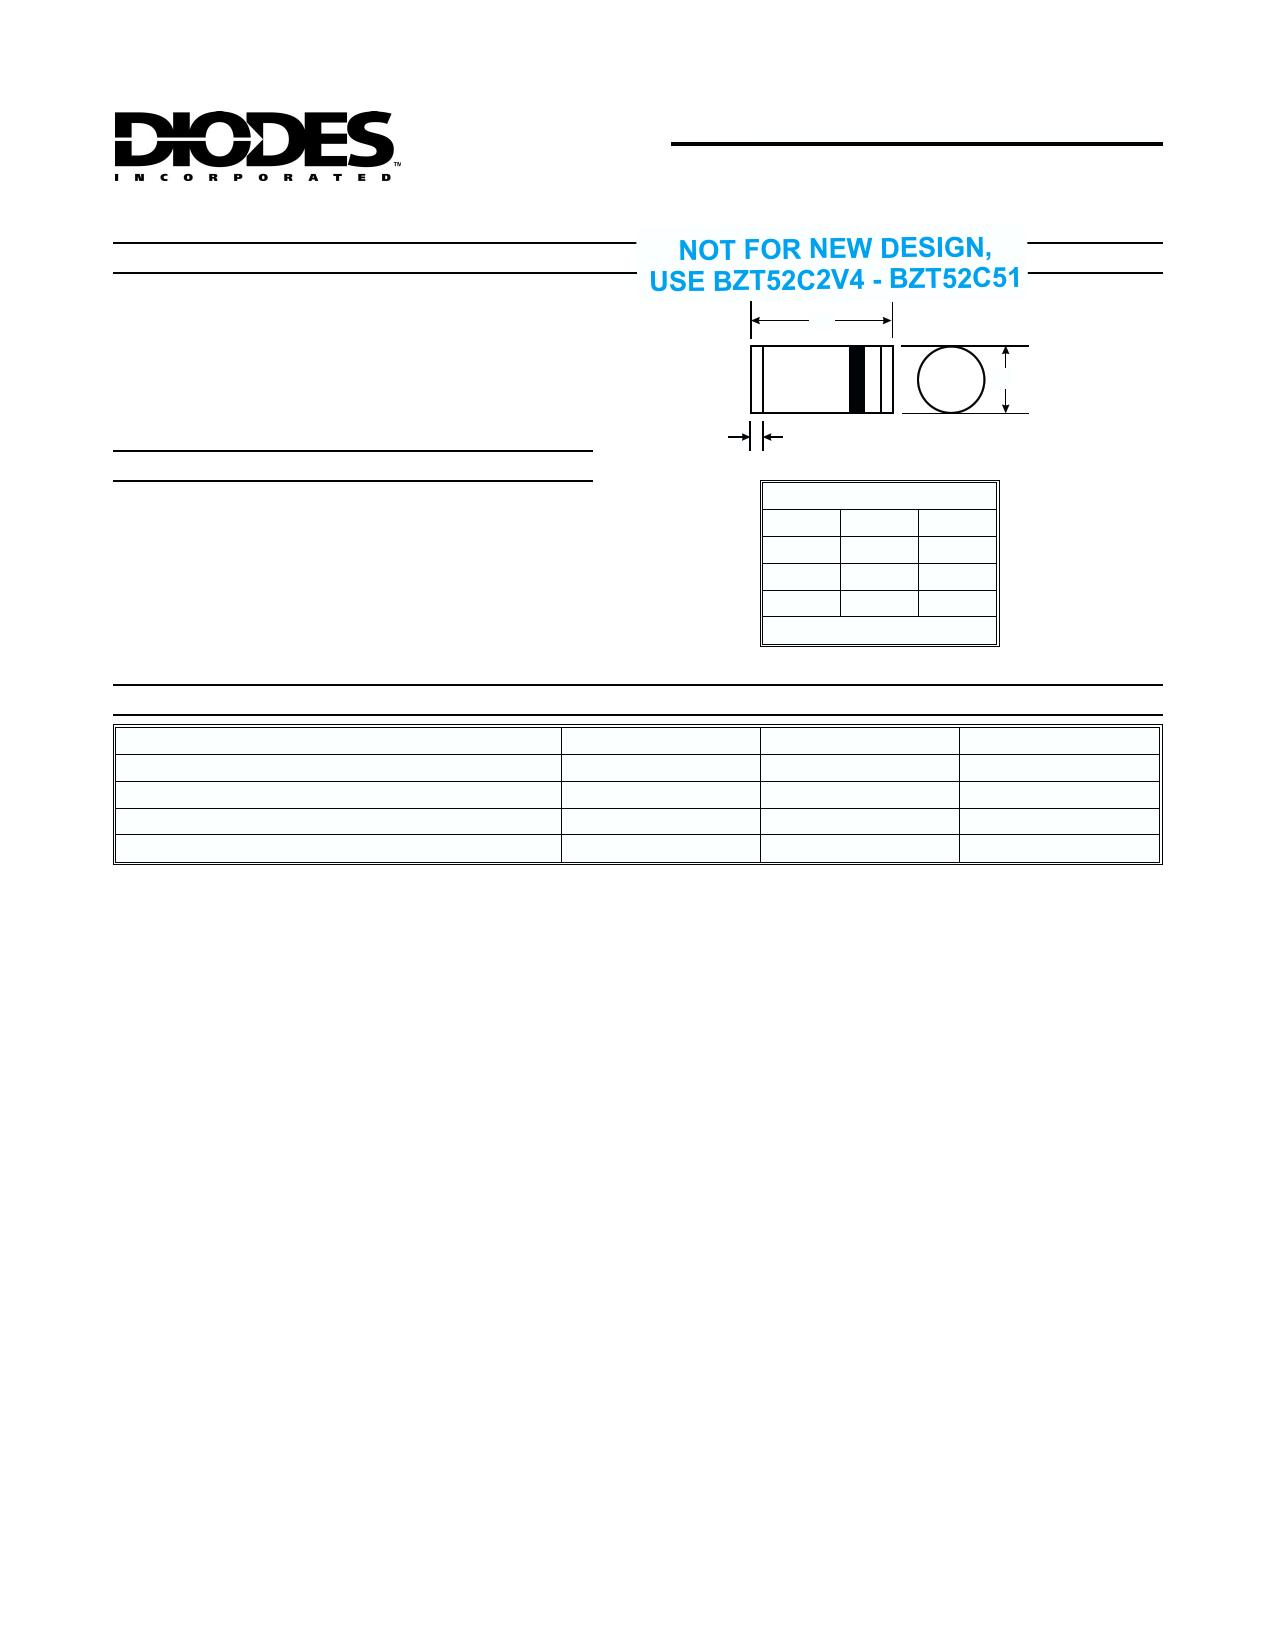 ZMM3V9 datasheet